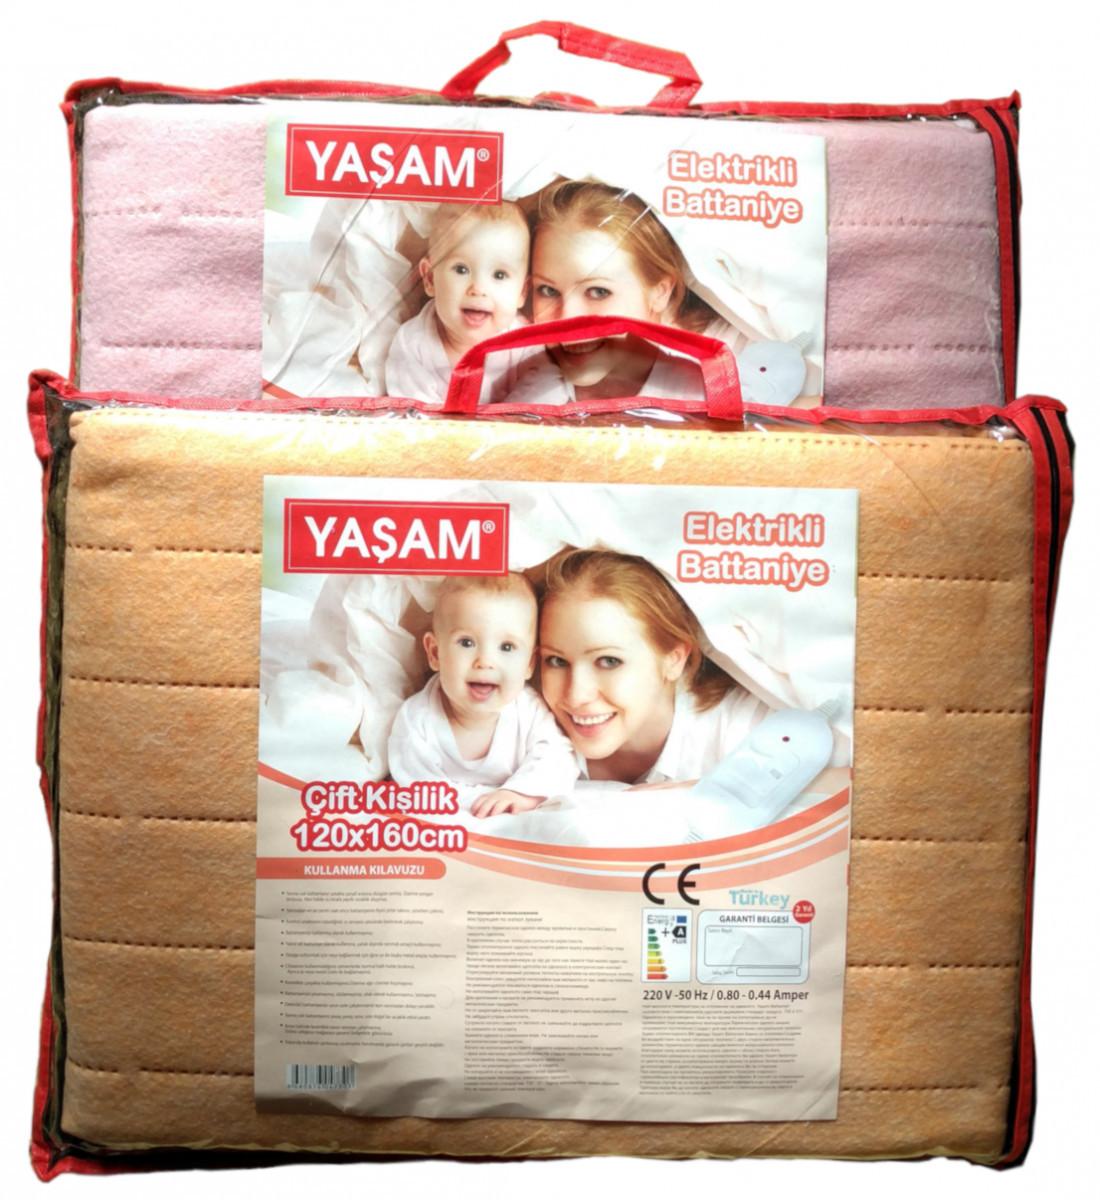 Электрическая простынь Yasam 120x160 - Турция (Электропростынь - термошов - байка) T-54997